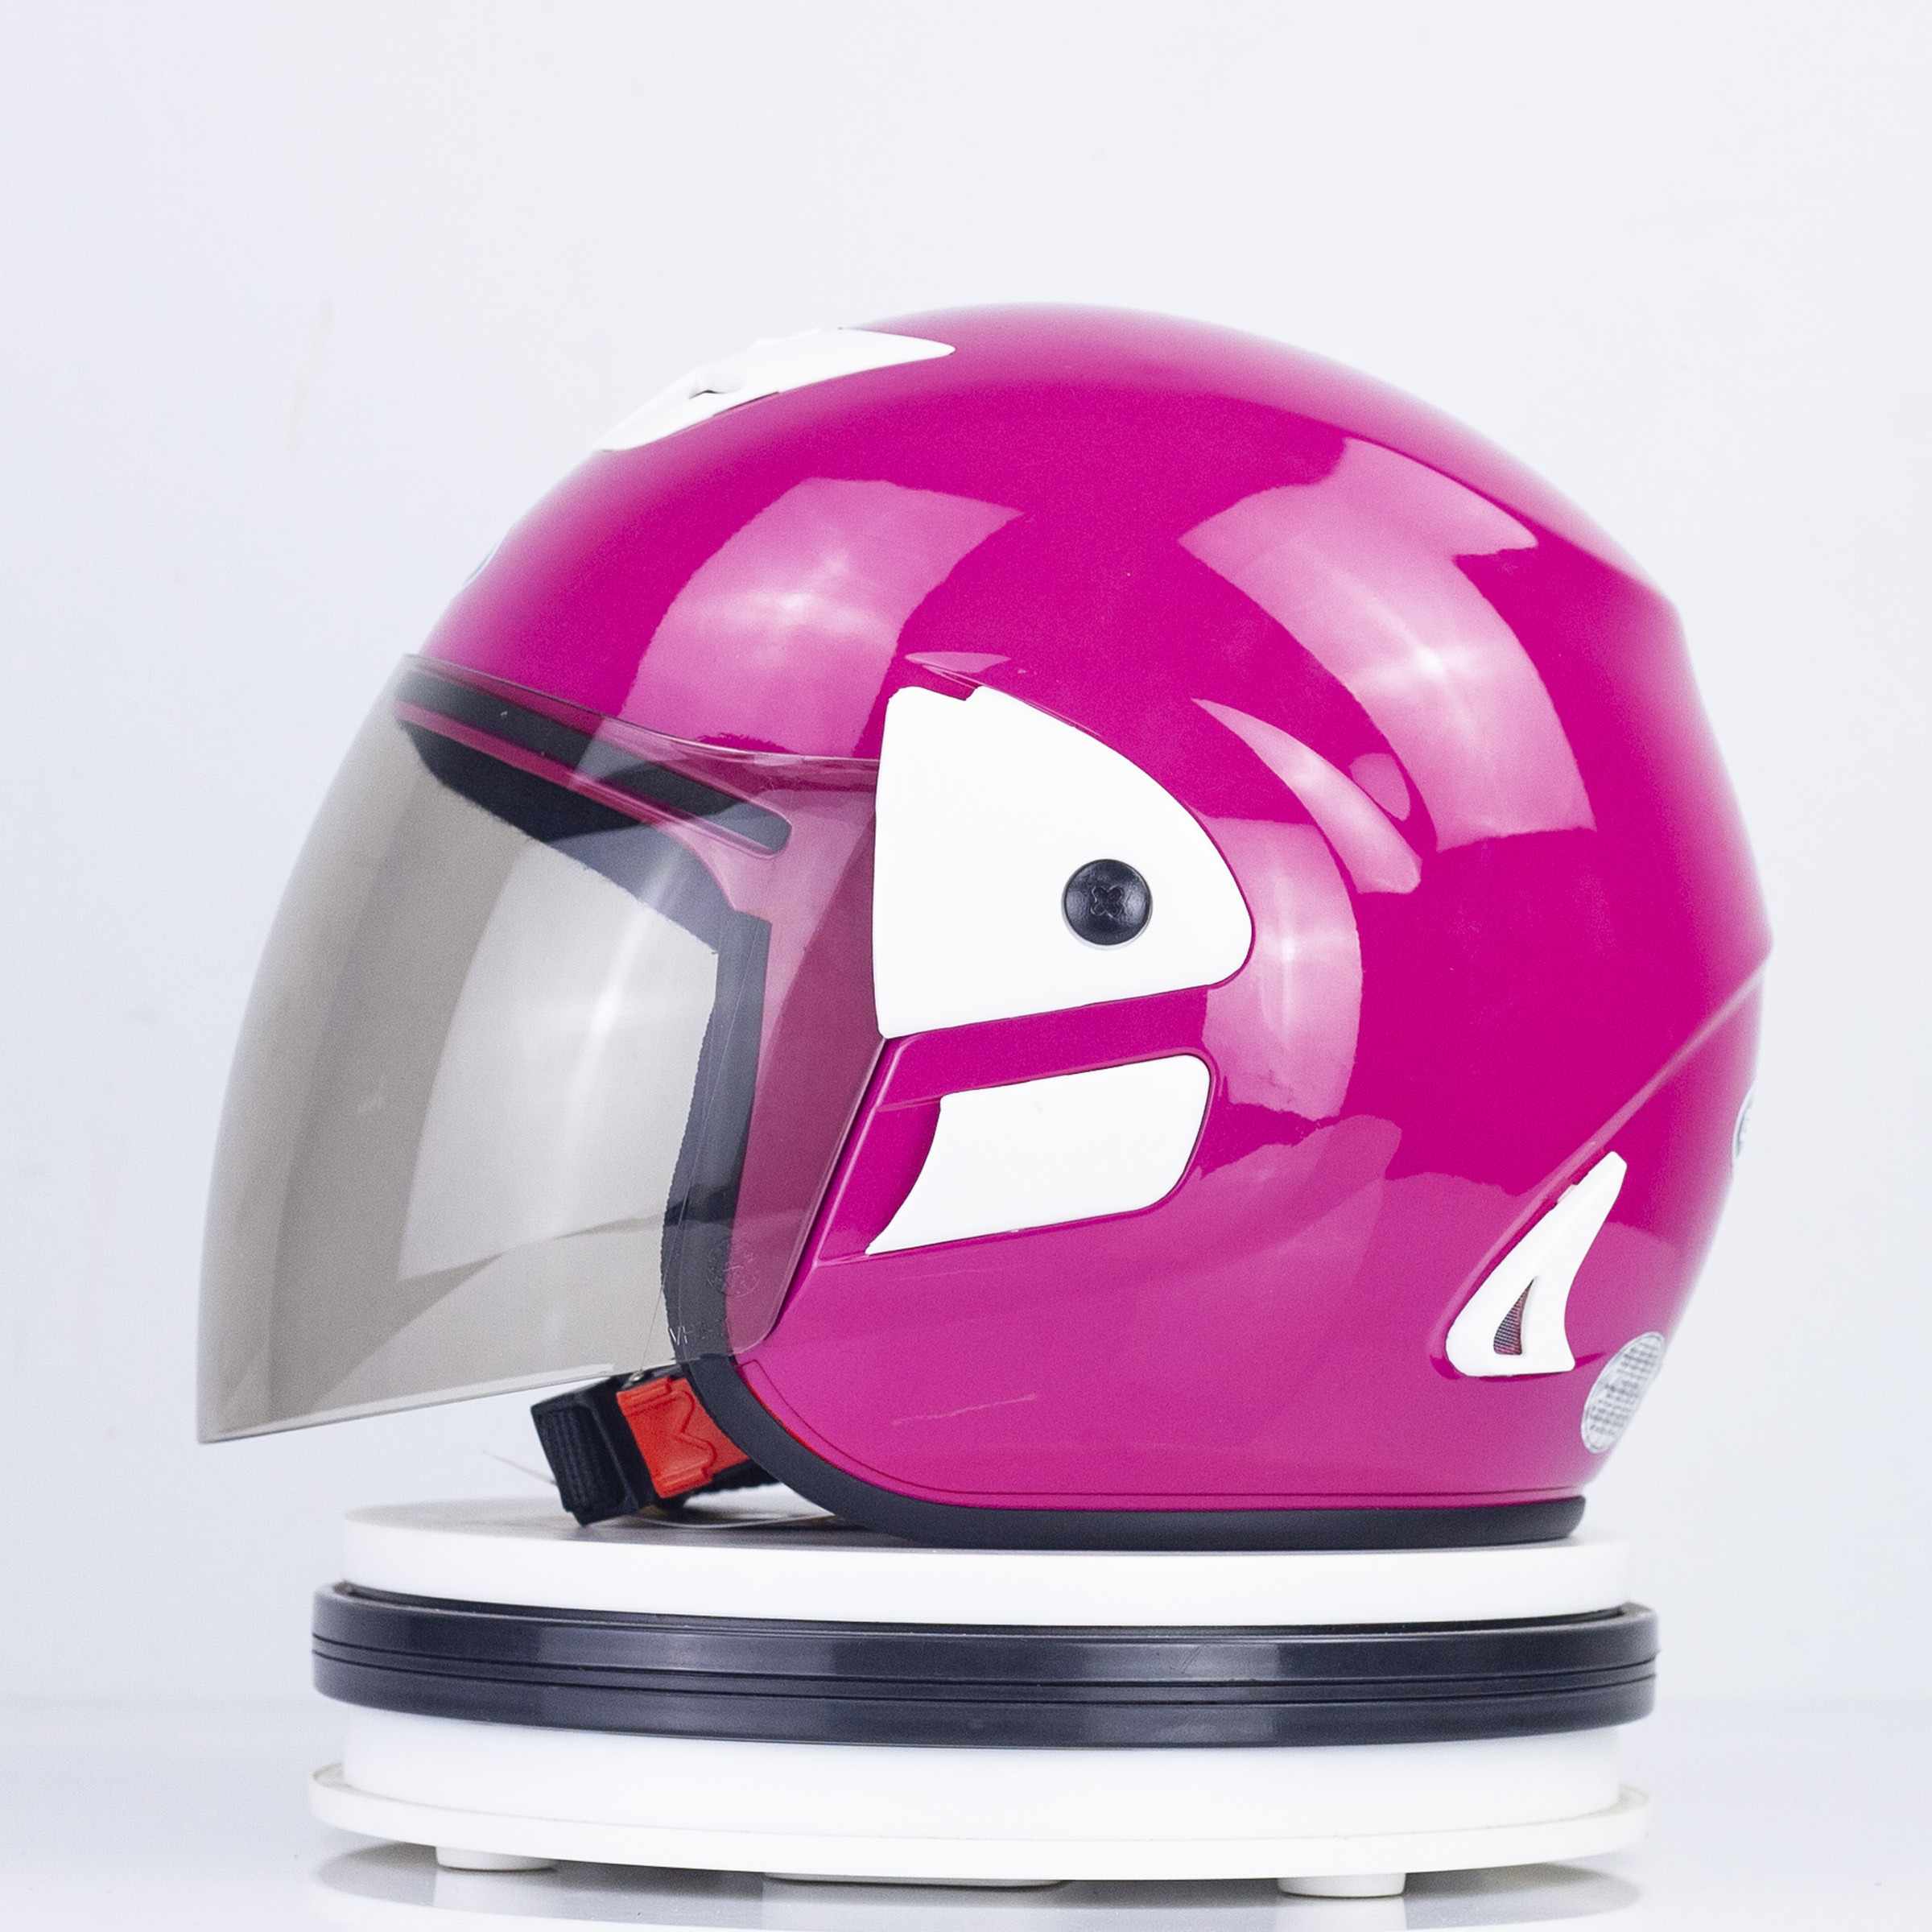 Mũ Bảo hiểm GRO 3/4 đầu - V2 Màu Hồng Bóng